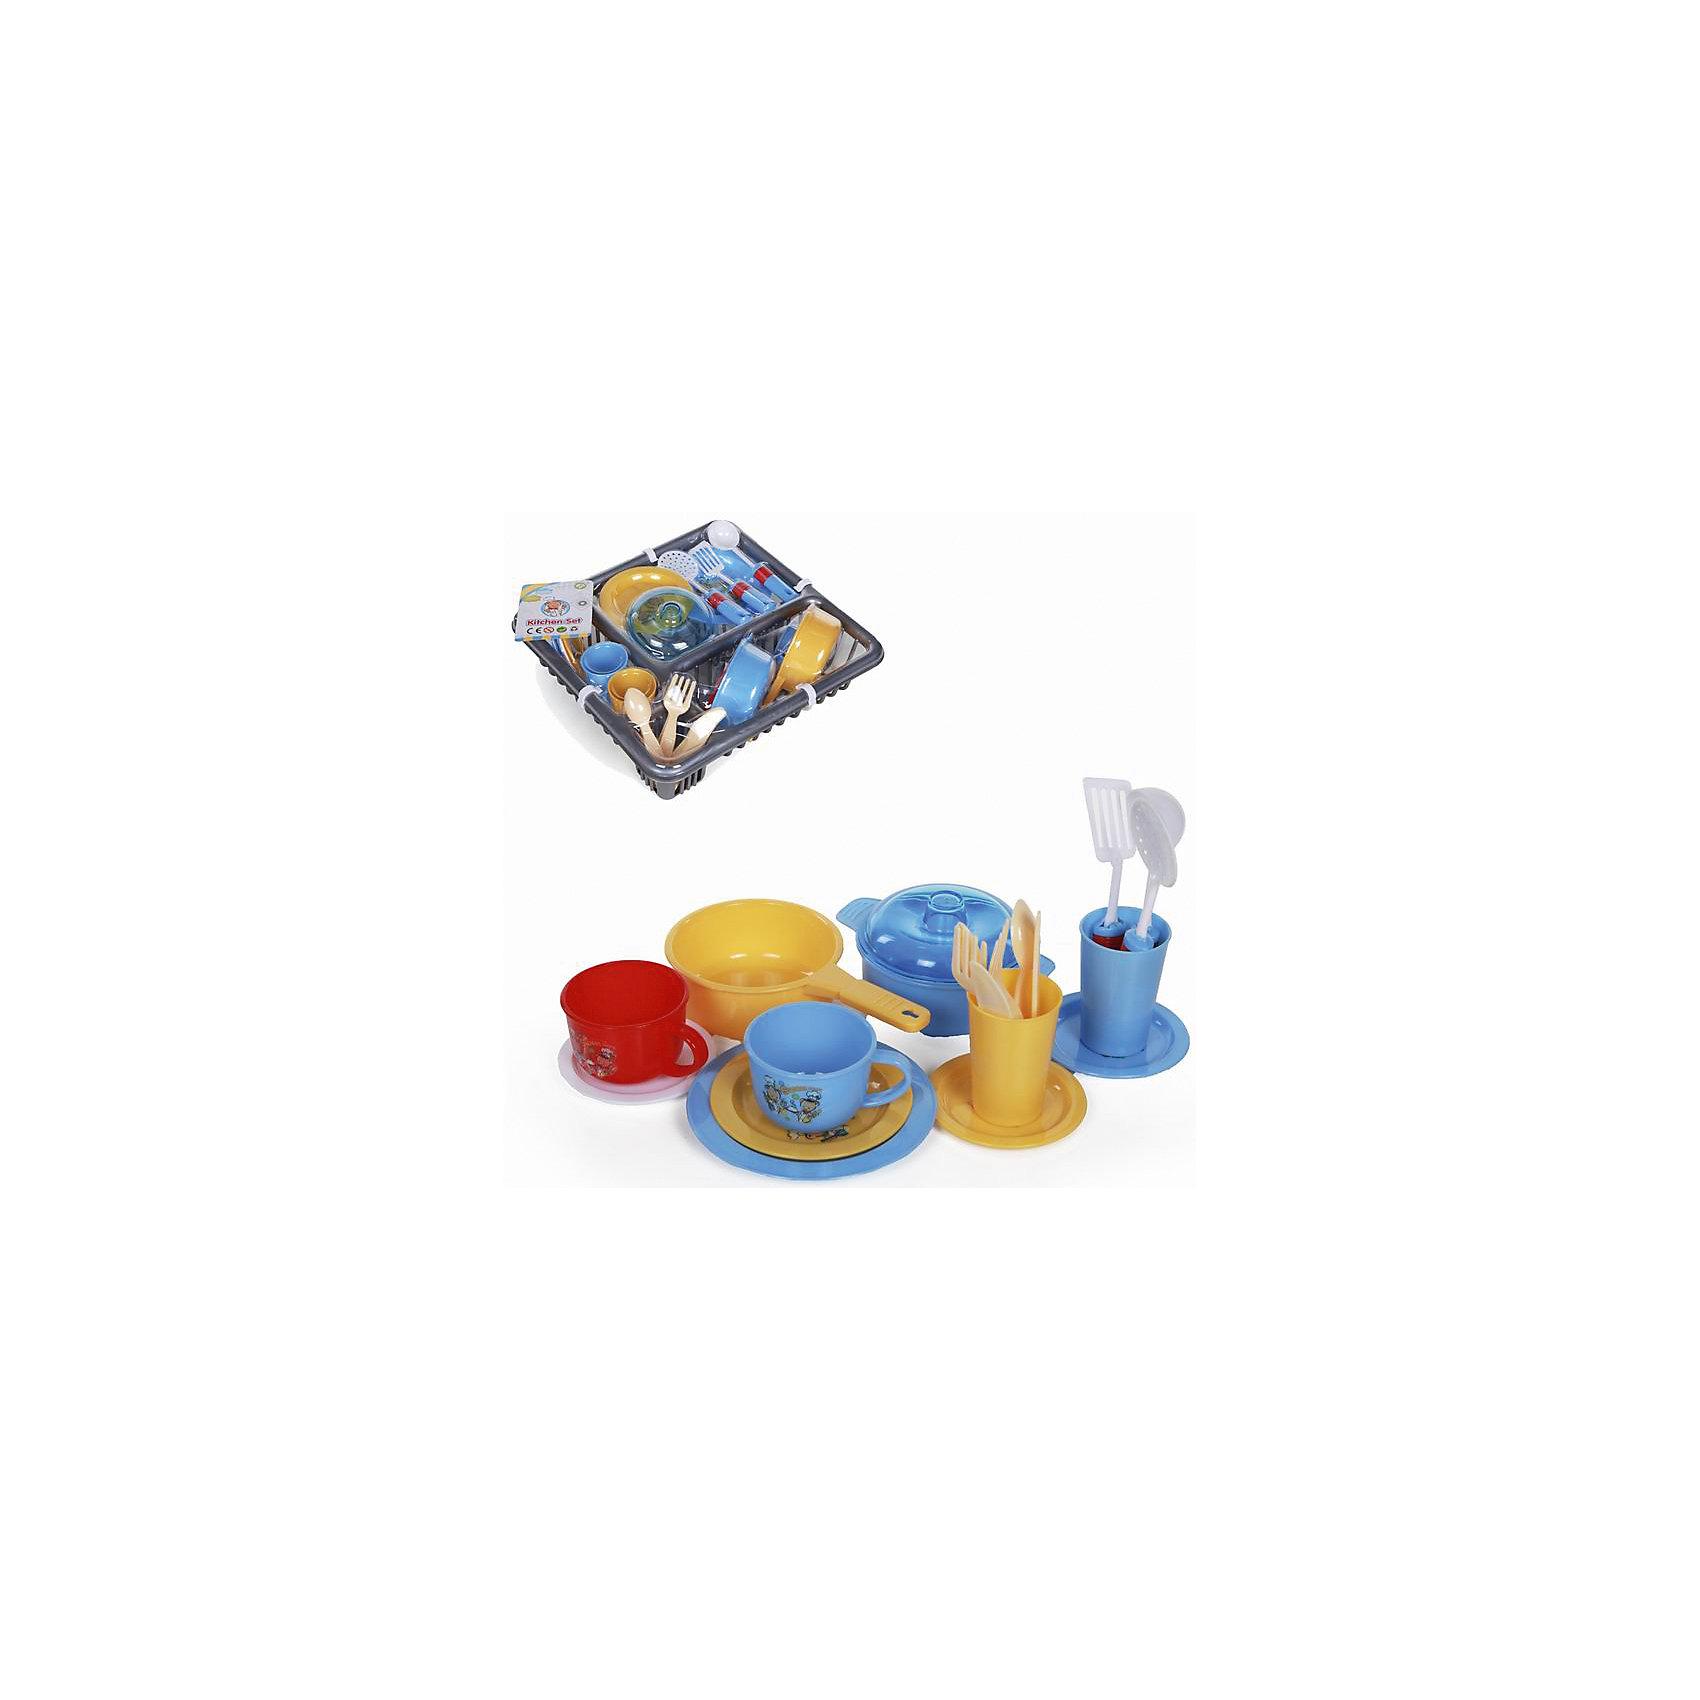 Набор посуды, YakoПосуда и аксессуары для детской кухни<br>Характеристики товара:<br><br>• в комплекте: сковорода, кастрюля с крышкой, 2 чашки, 2 стакана, 5 тарелок, половник, 2 лопатки, 2 ложки, 2 вилки, 2 ножа;<br>• материал: пластик;<br>• возраст: от 3-х лет;<br>• размер упаковки: 7х29х27 см;<br>• вес: 458 грамм;<br>• страна бренда: Китай.<br><br>Игрушечная посуда необходима каждой маленькой хозяйке. В набор от Yako входят столовые приборы, посуда и другая кухонная утварь. Девочка сможет приготовить вкусный обед и накормить им своих игрушек. <br><br>Весь набор размещен в удобном пластиковом контейнере. При желании его можно использовать для сушки посуды.<br><br>Игрушки изготовлены из пластика без содержания токсичных материалов.<br><br>Набор посуды, Yako (Яко) можно купить в нашем интернет-магазине.<br><br>Ширина мм: 270<br>Глубина мм: 290<br>Высота мм: 70<br>Вес г: 458<br>Возраст от месяцев: 36<br>Возраст до месяцев: 2147483647<br>Пол: Женский<br>Возраст: Детский<br>SKU: 6893382